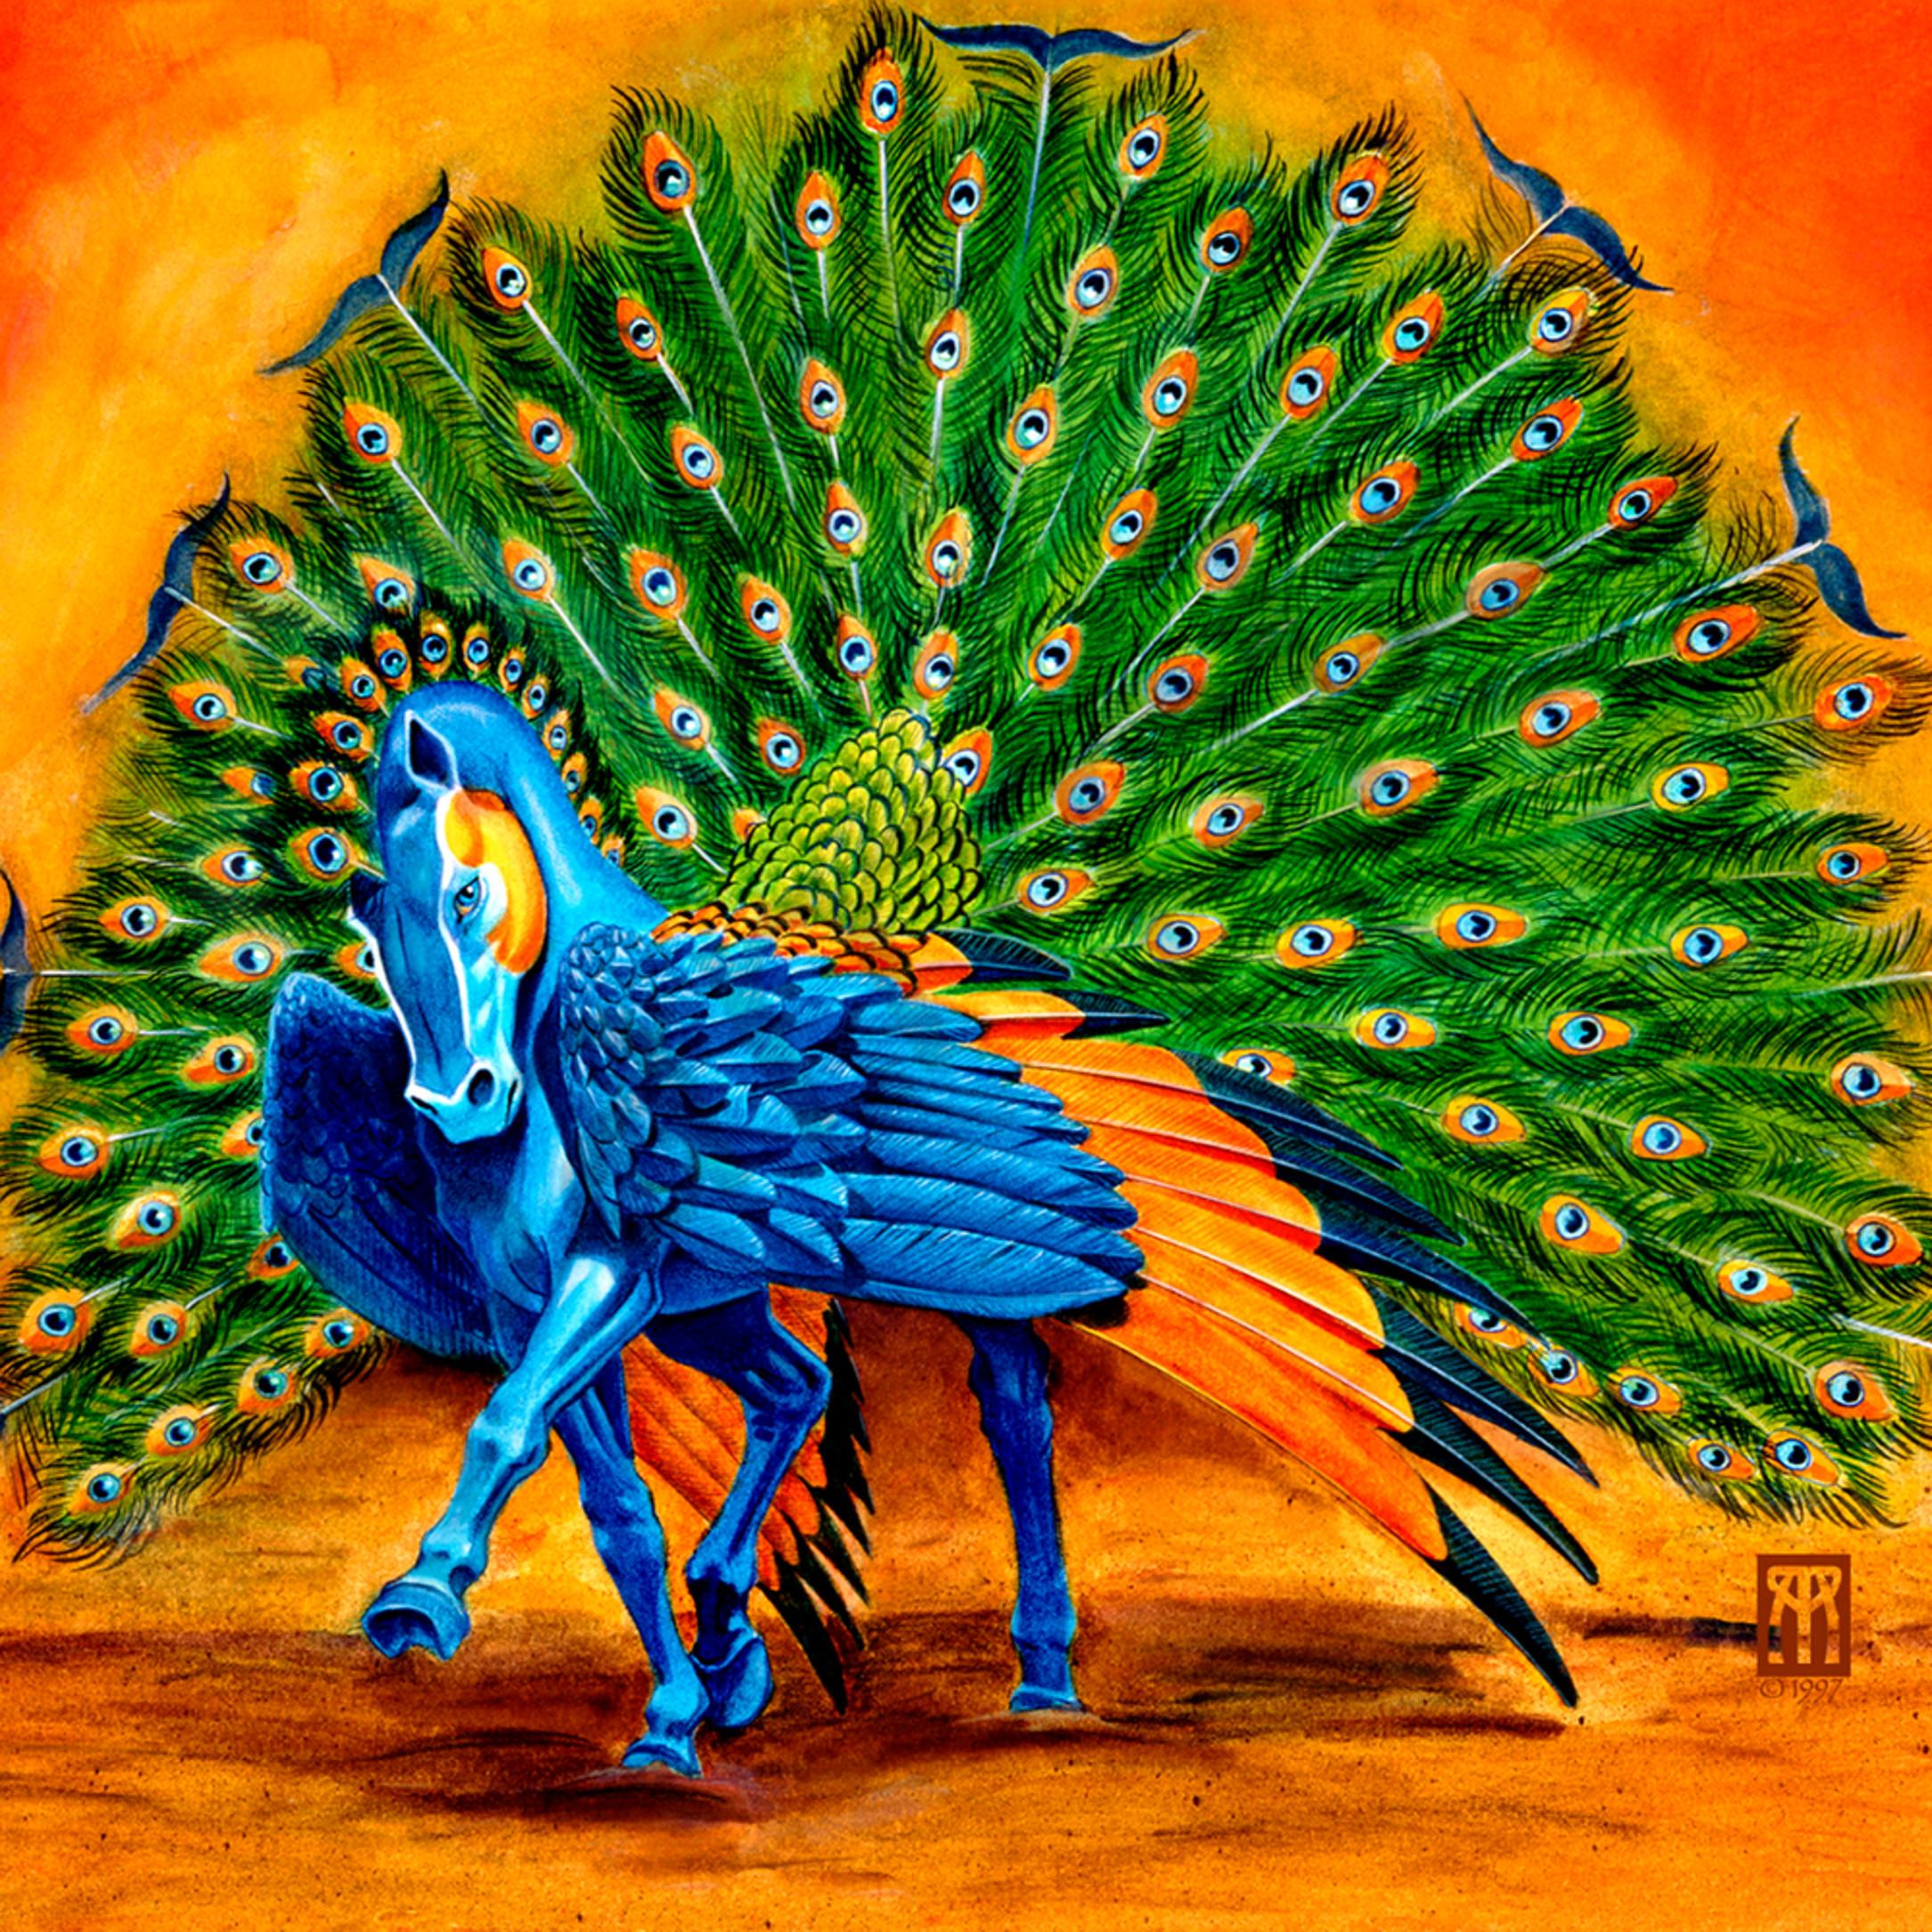 Peacock pegasus u5nksi